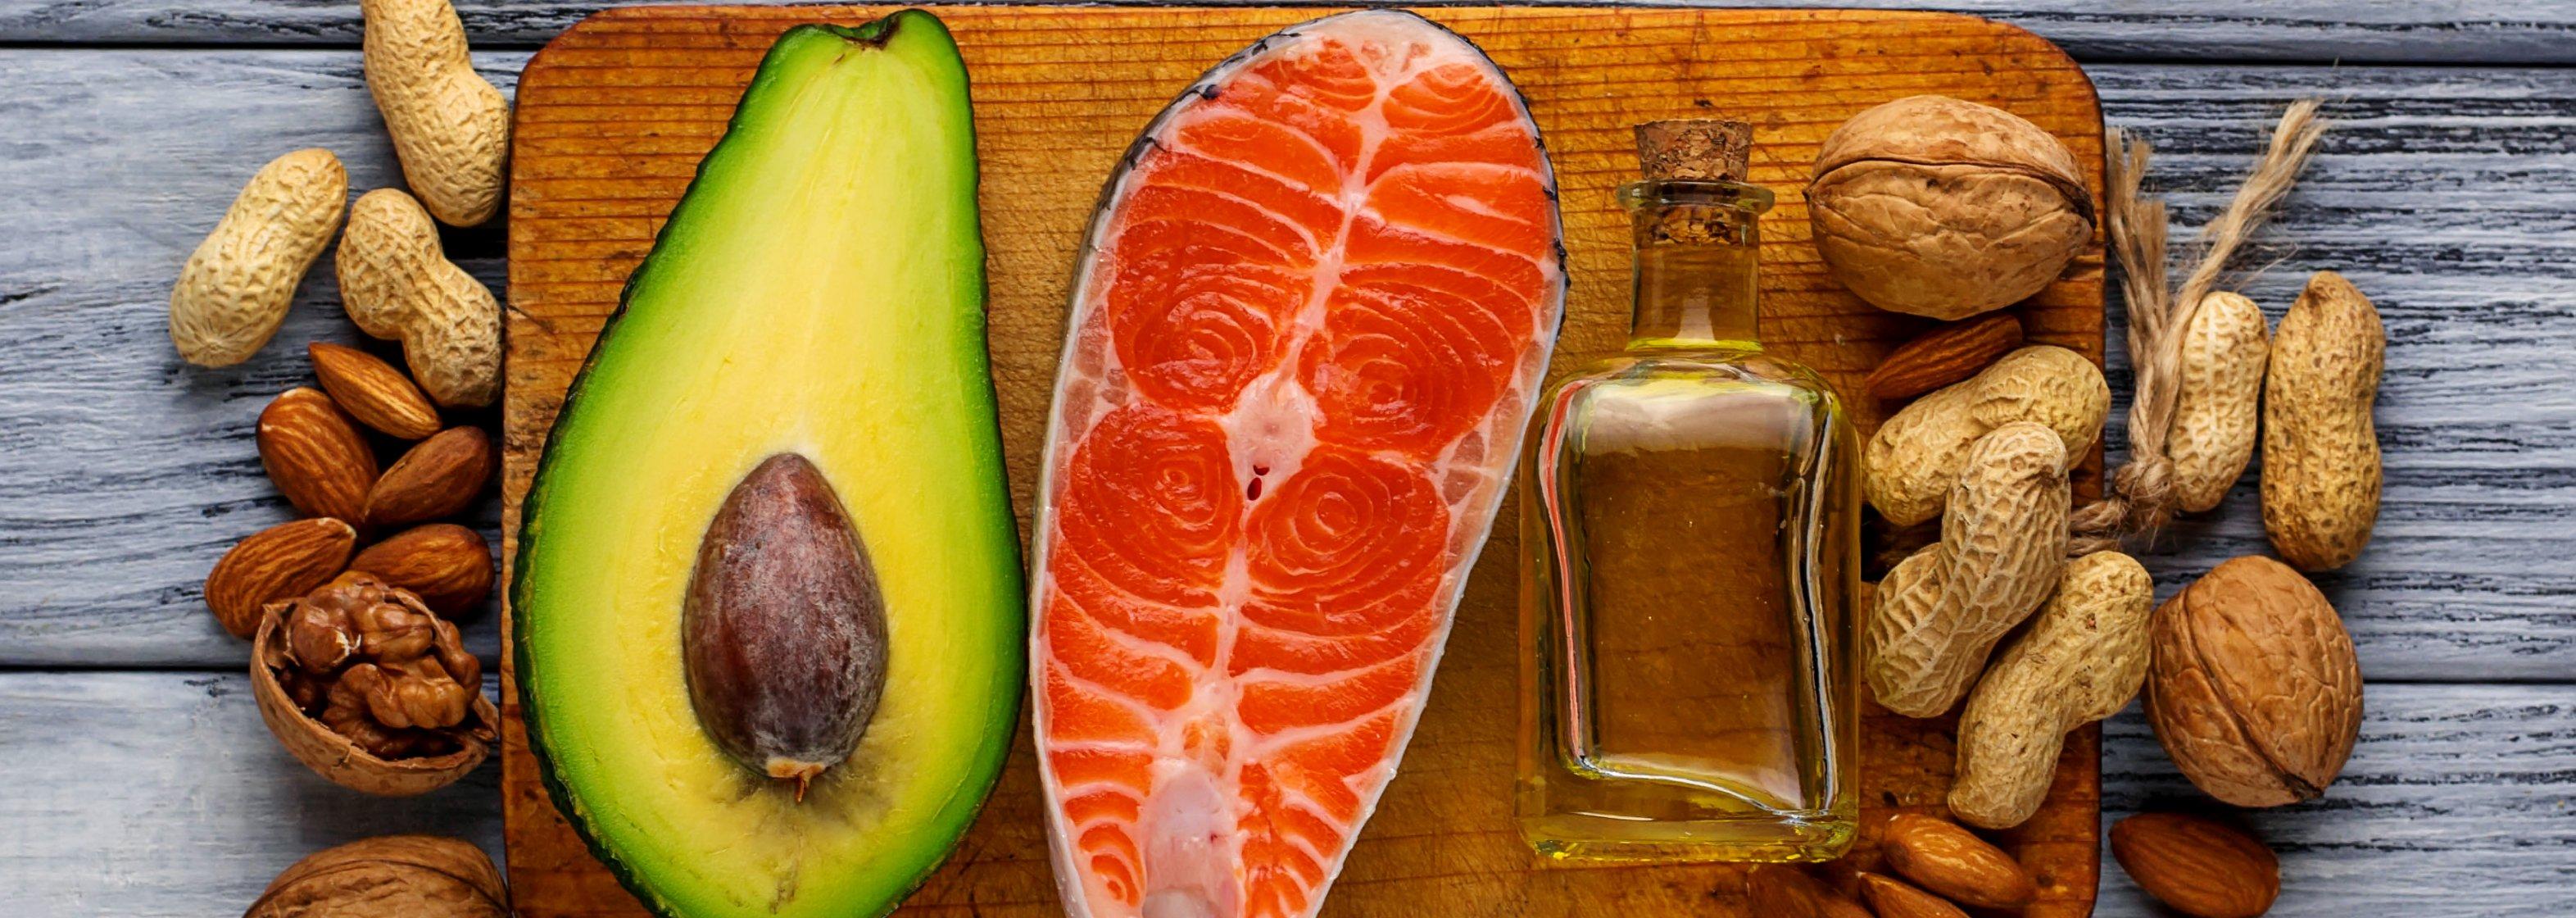 Fett: Avocado, Lachs, Öl, Nüsse